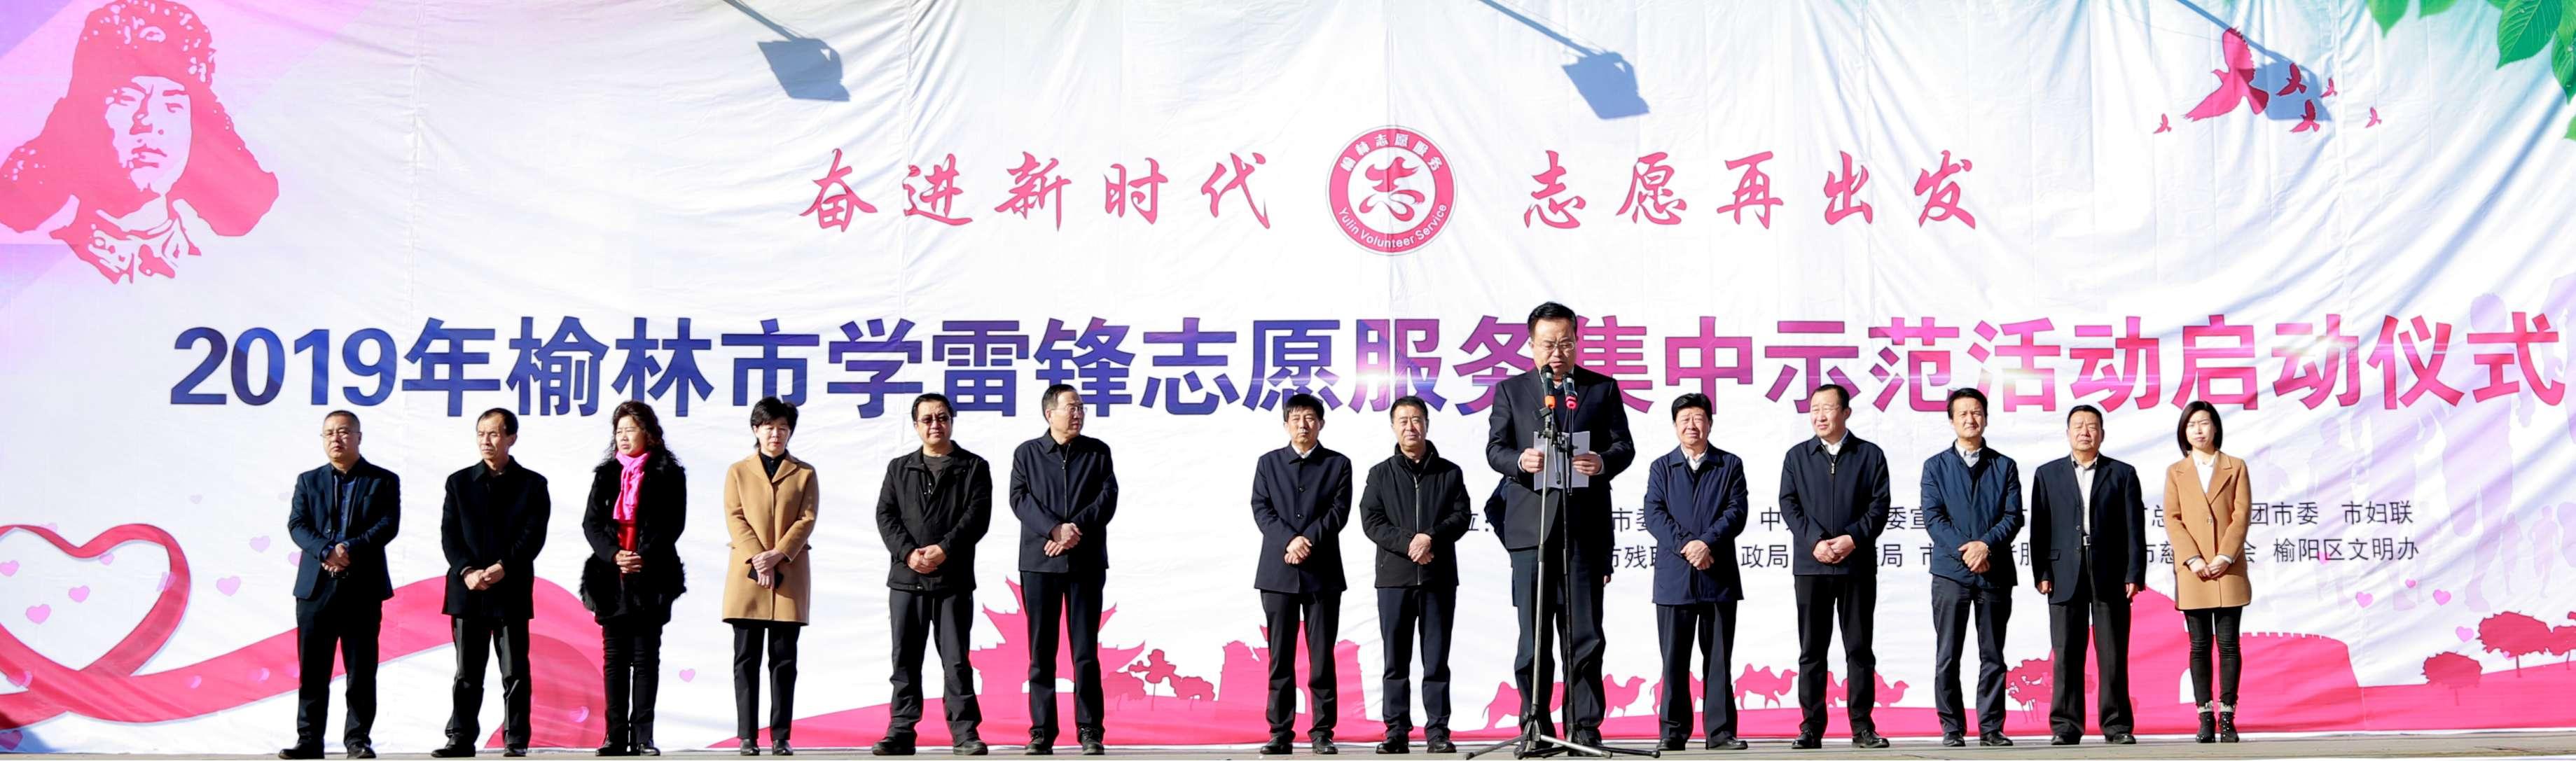 2019年榆林市学雷锋志愿者服务集中示范活动启动仪式